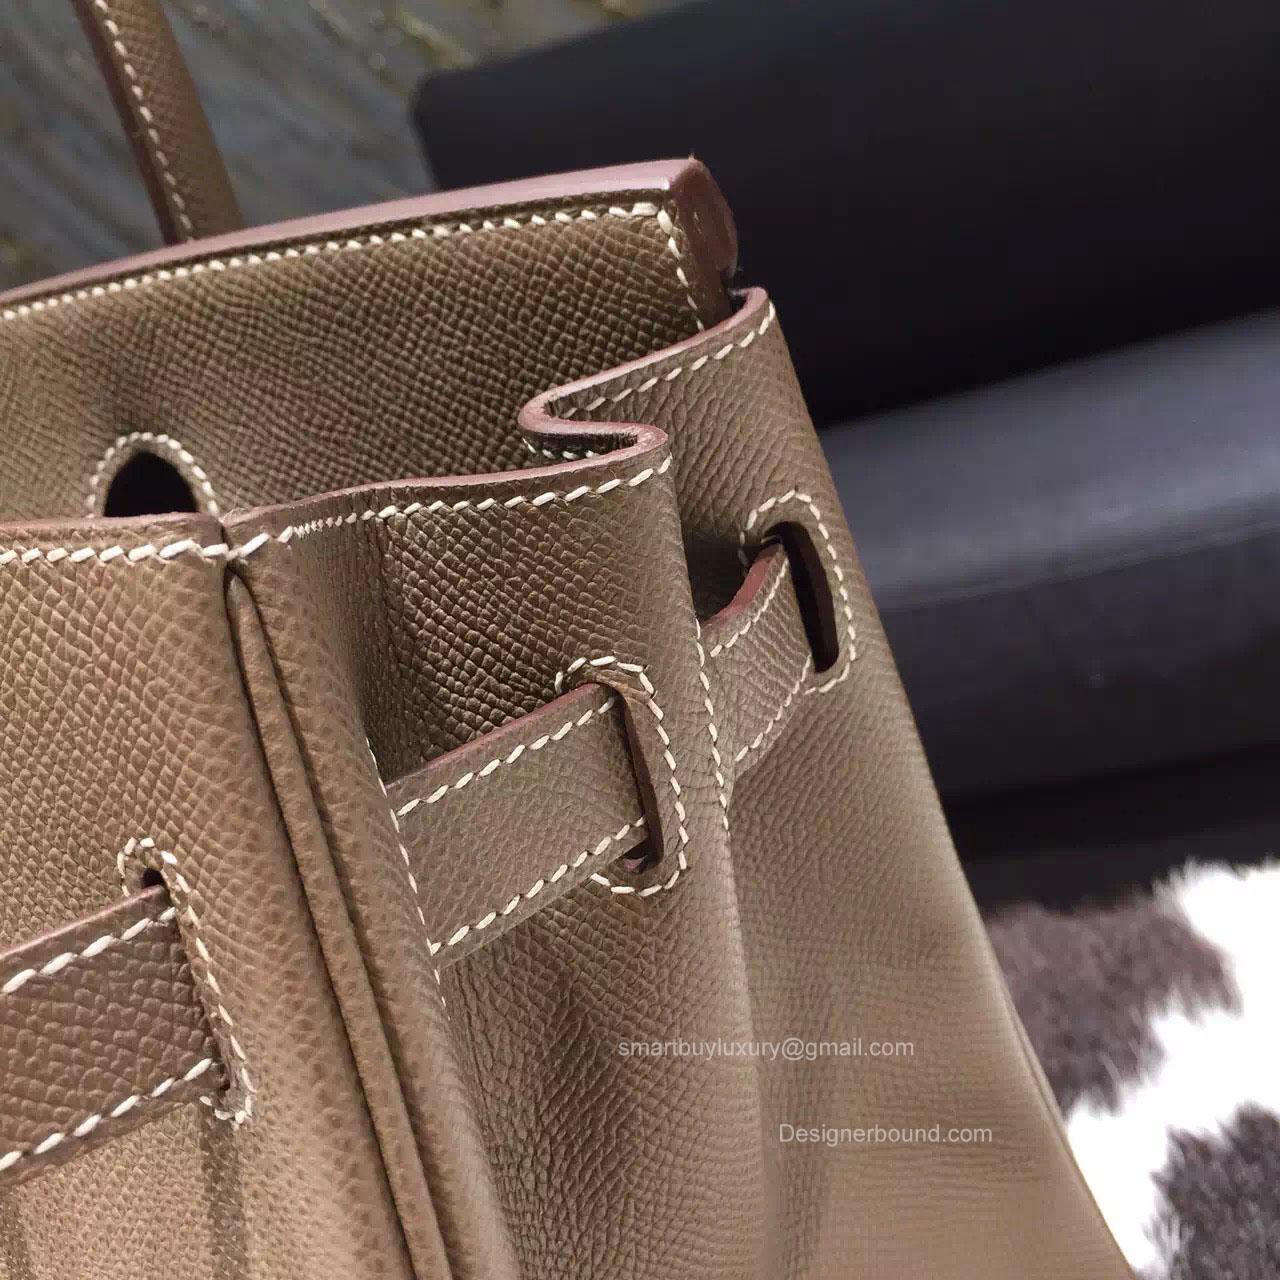 fee8306d1966 Hermes Birkin 35 Bag Etoupe Epsom Leather Handstitched Silver hw -